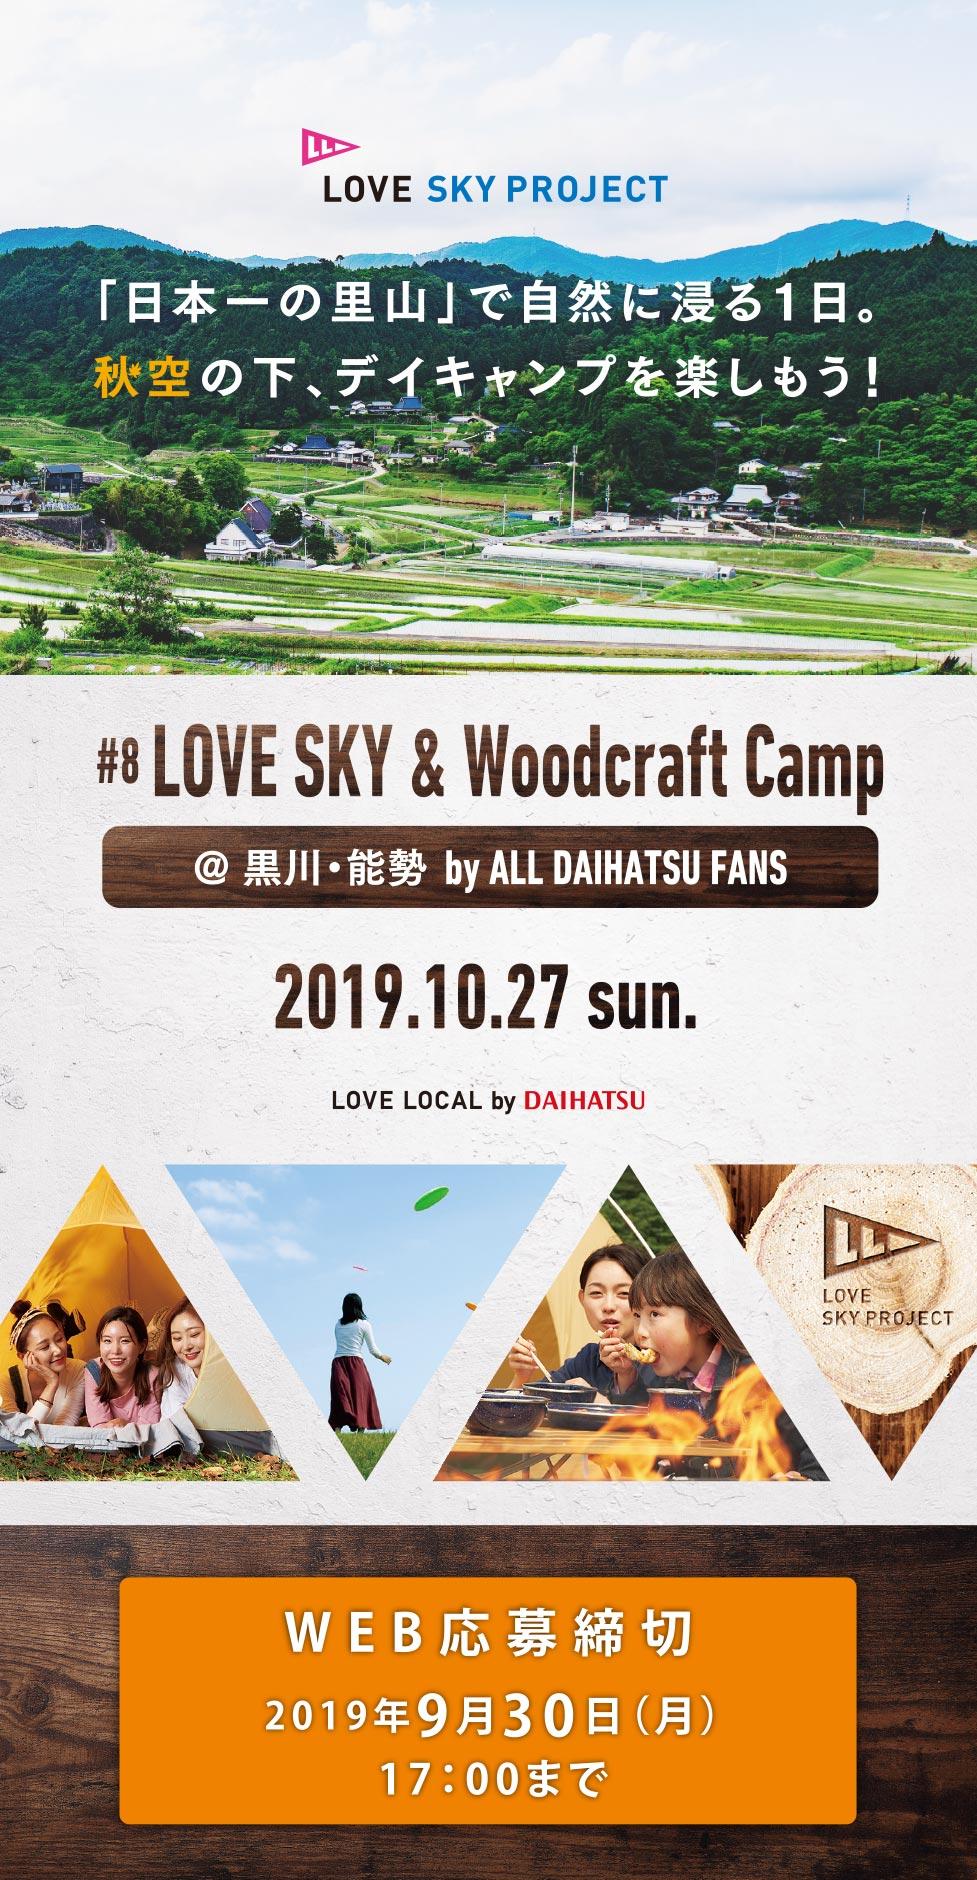 LOVE SKY PROJECT 「日本一の里山」自然に浸る1日。秋空の下、デイキャンプを楽しもう!